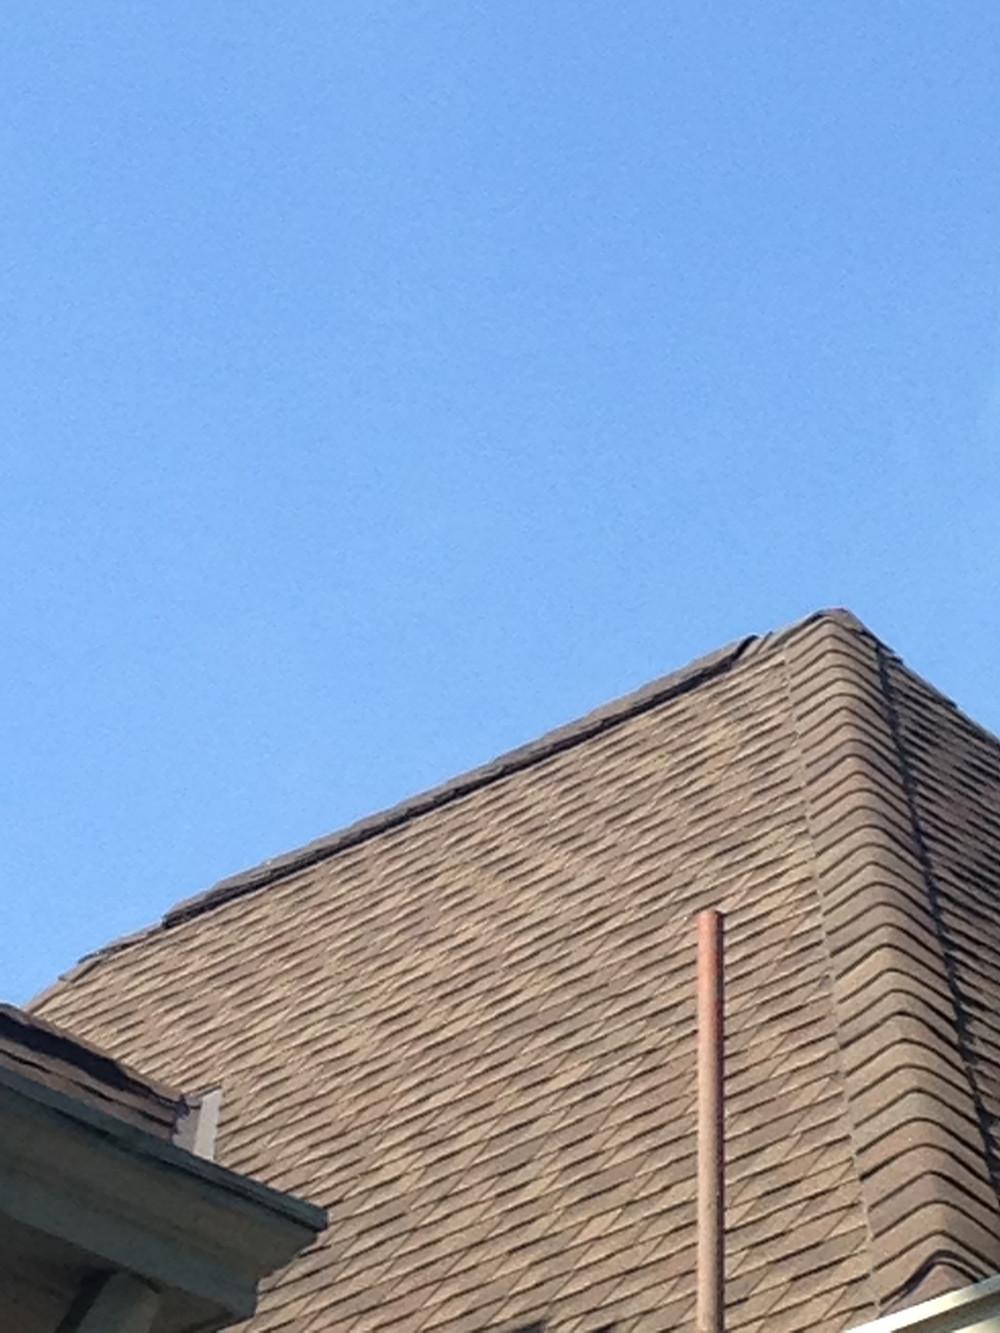 Monroeville Asphalt Roof Repair.jpg